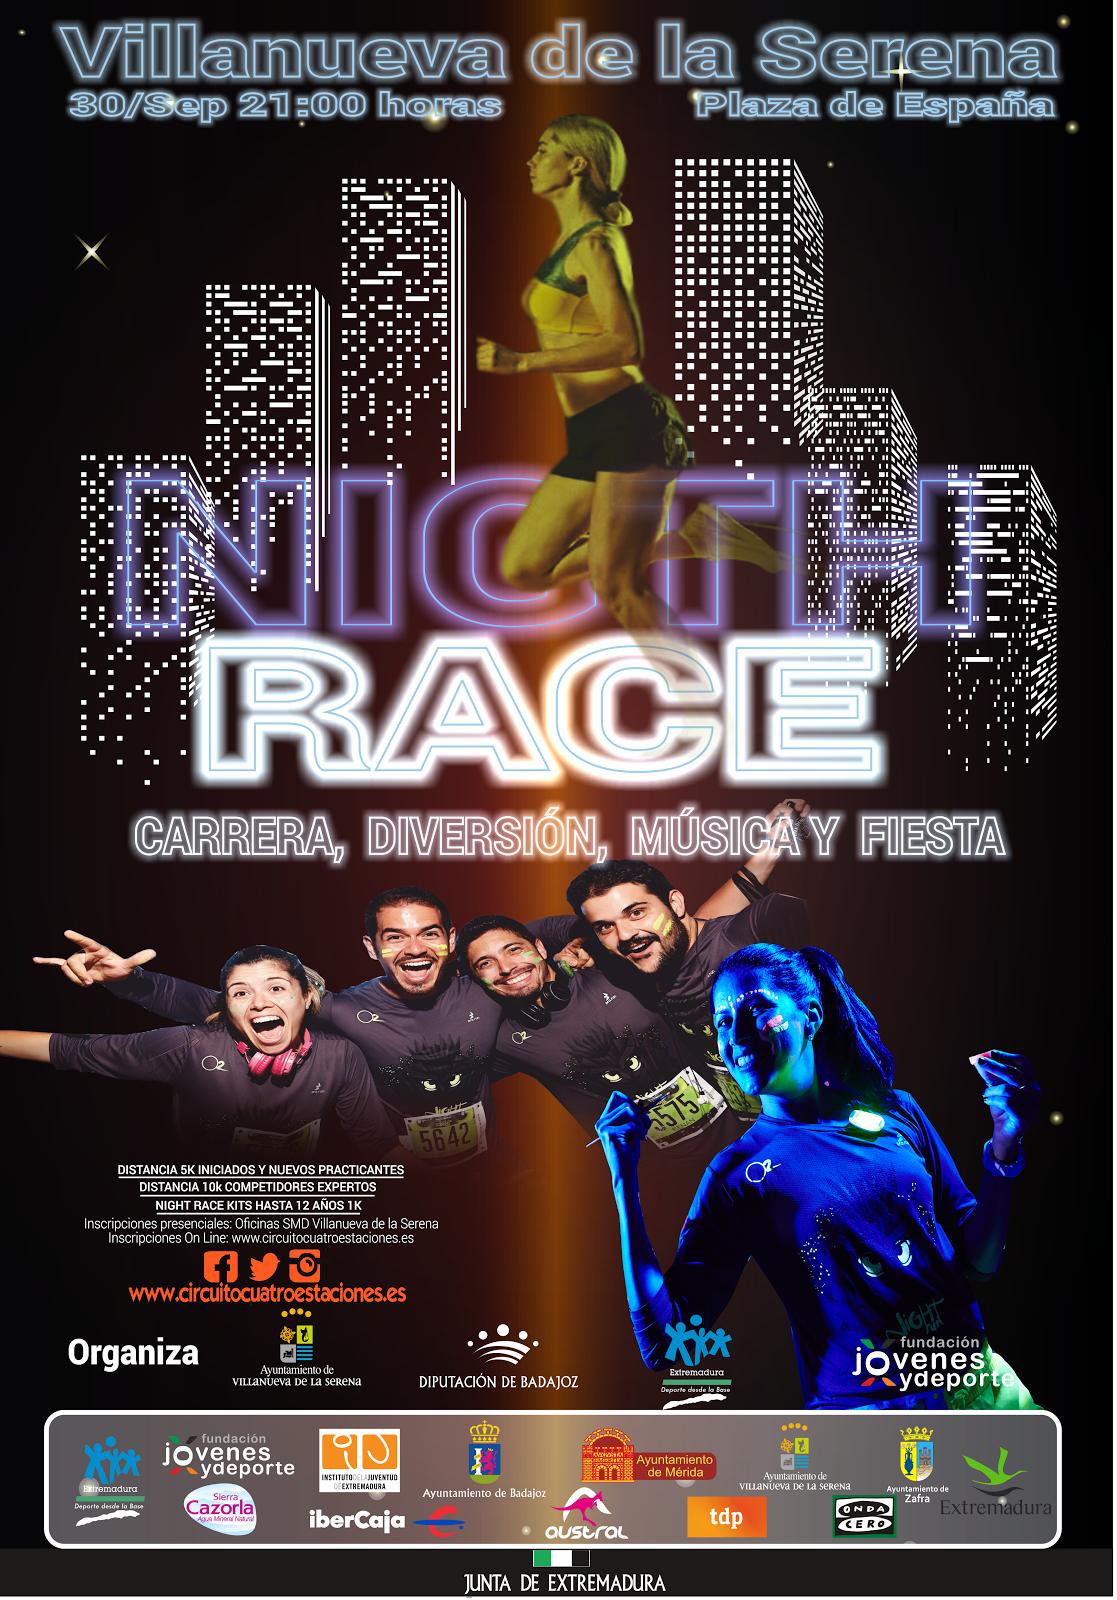 Nigth Race Villanueva de la Serena